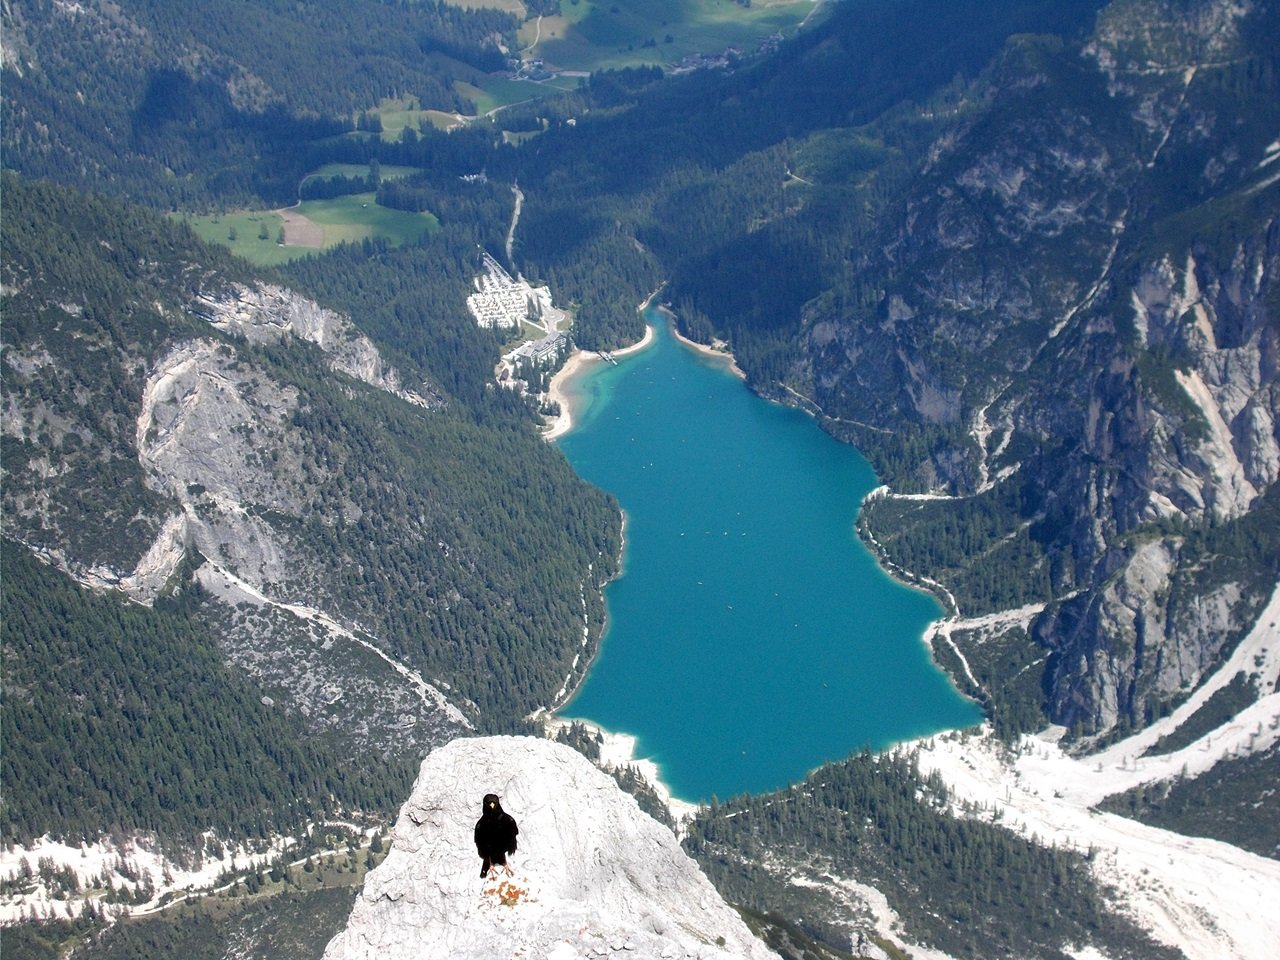 vista sul lago dalla cima